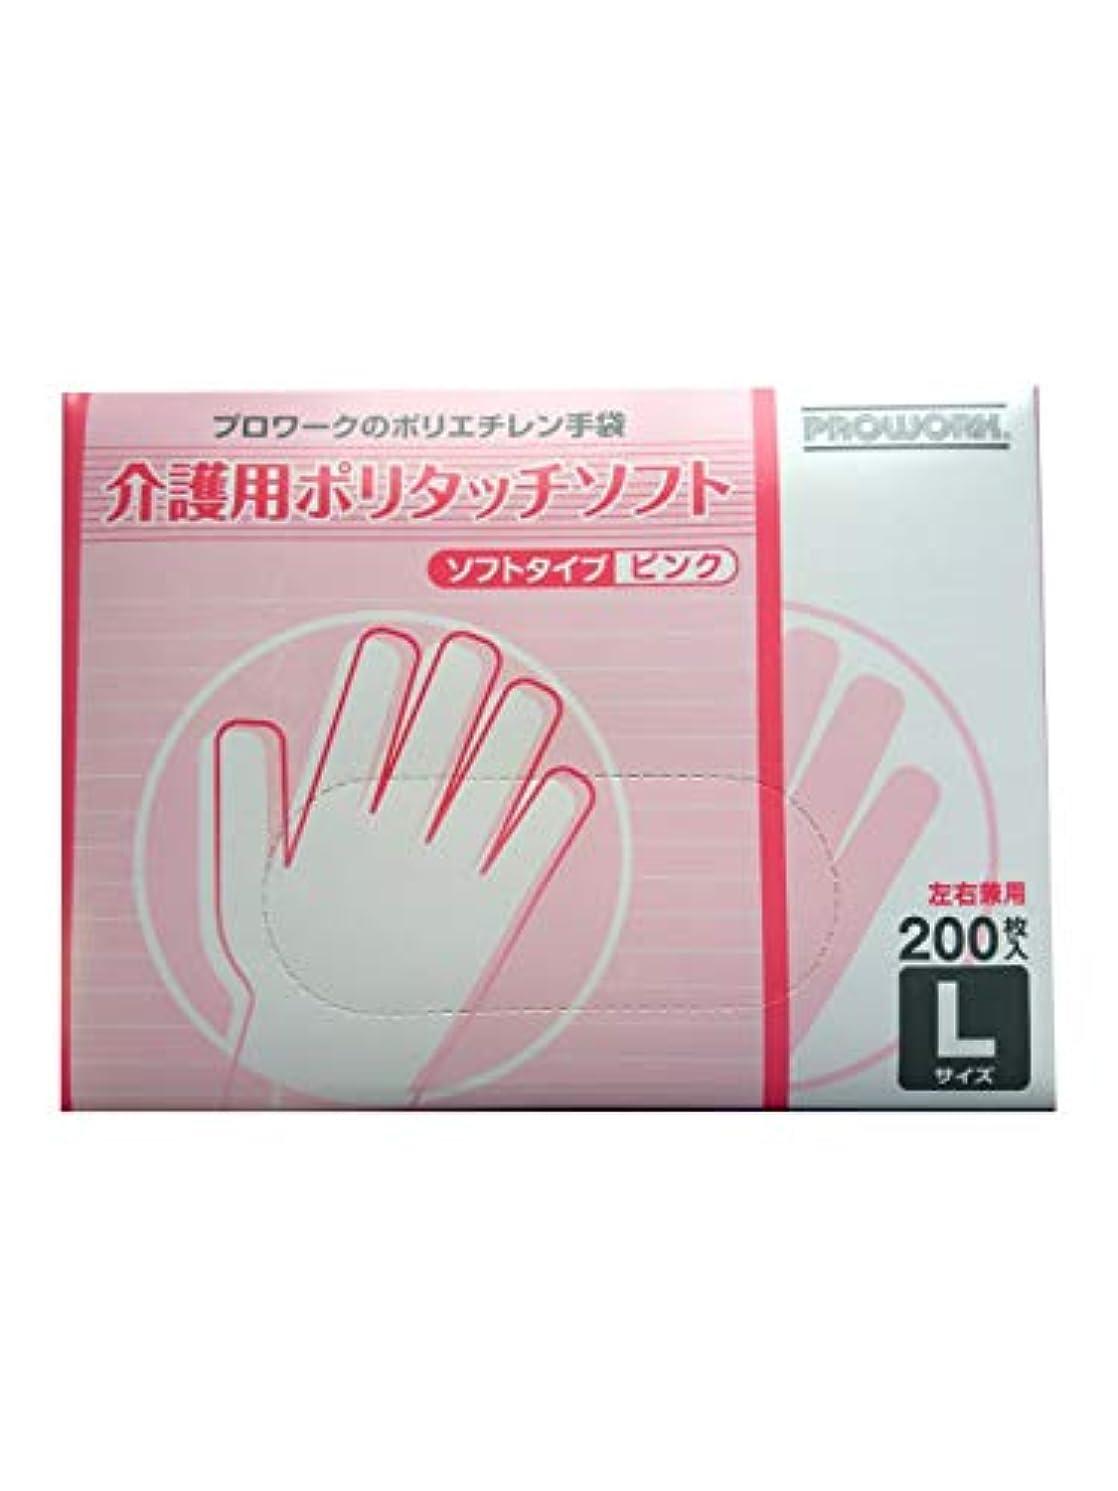 米ドルキャラクター空洞介護用ポリタッチソフト手袋 ピンク Lサイズ 左右兼用200枚入